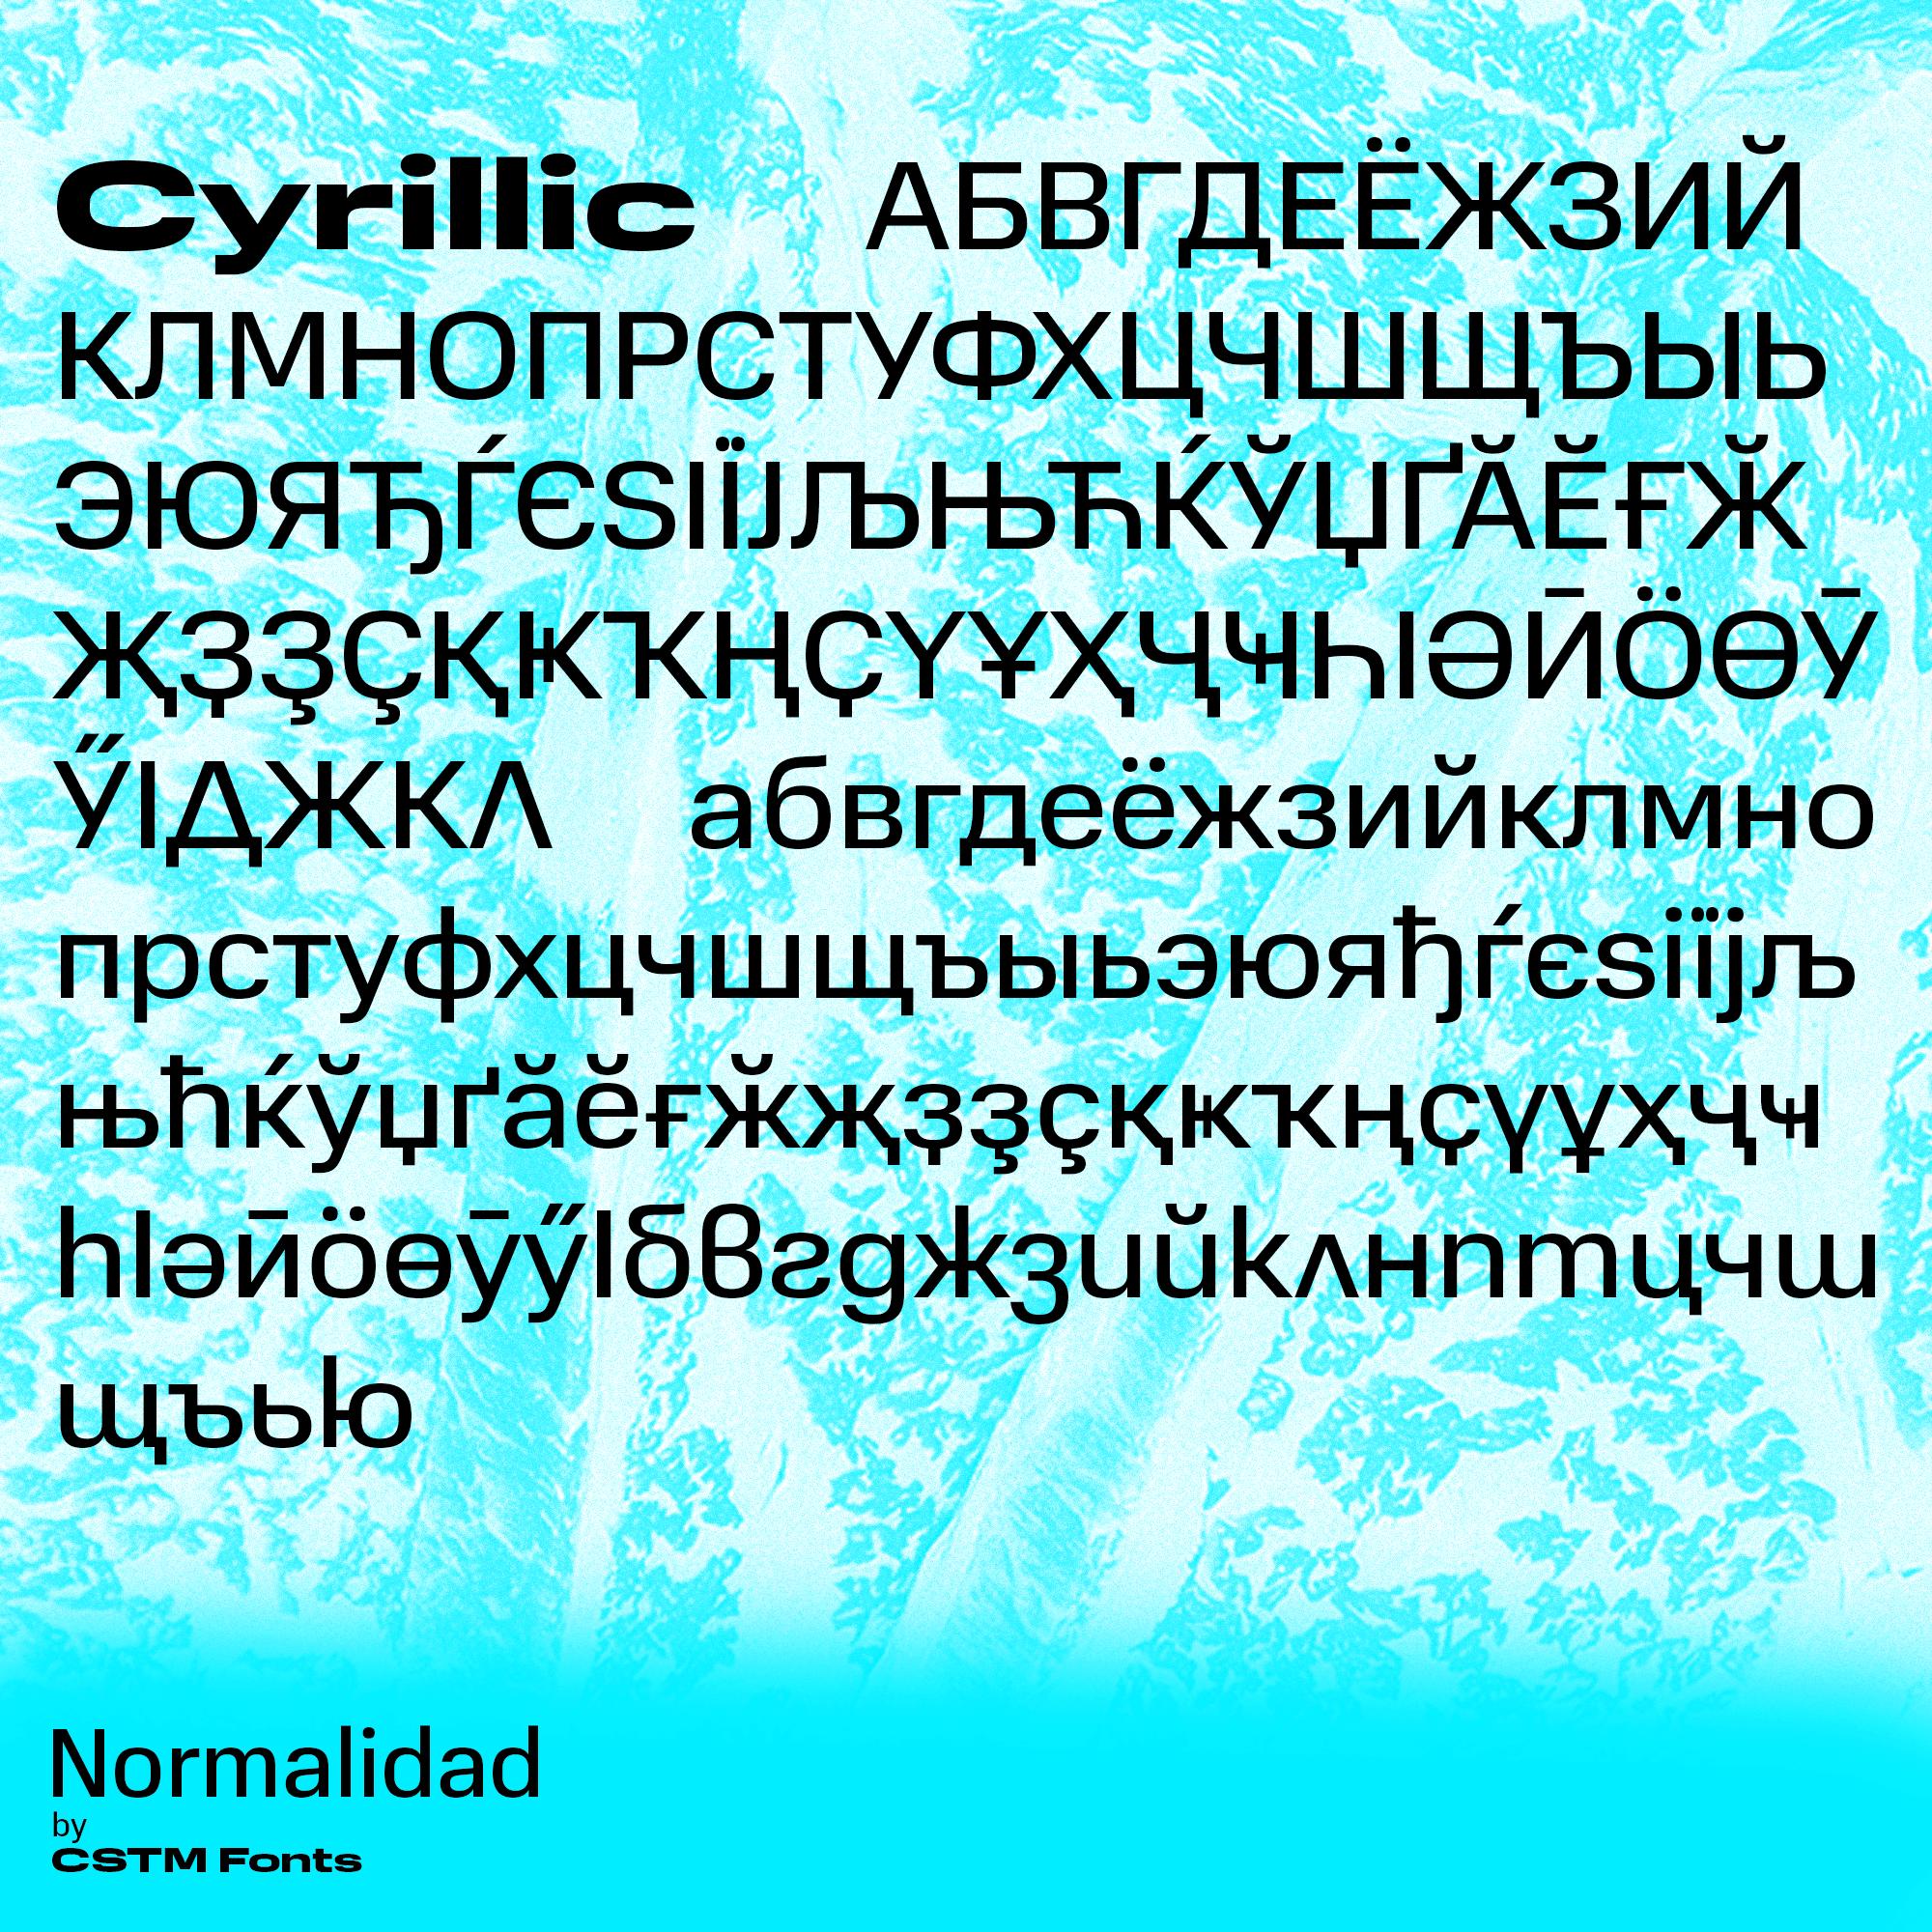 Normalidad_8